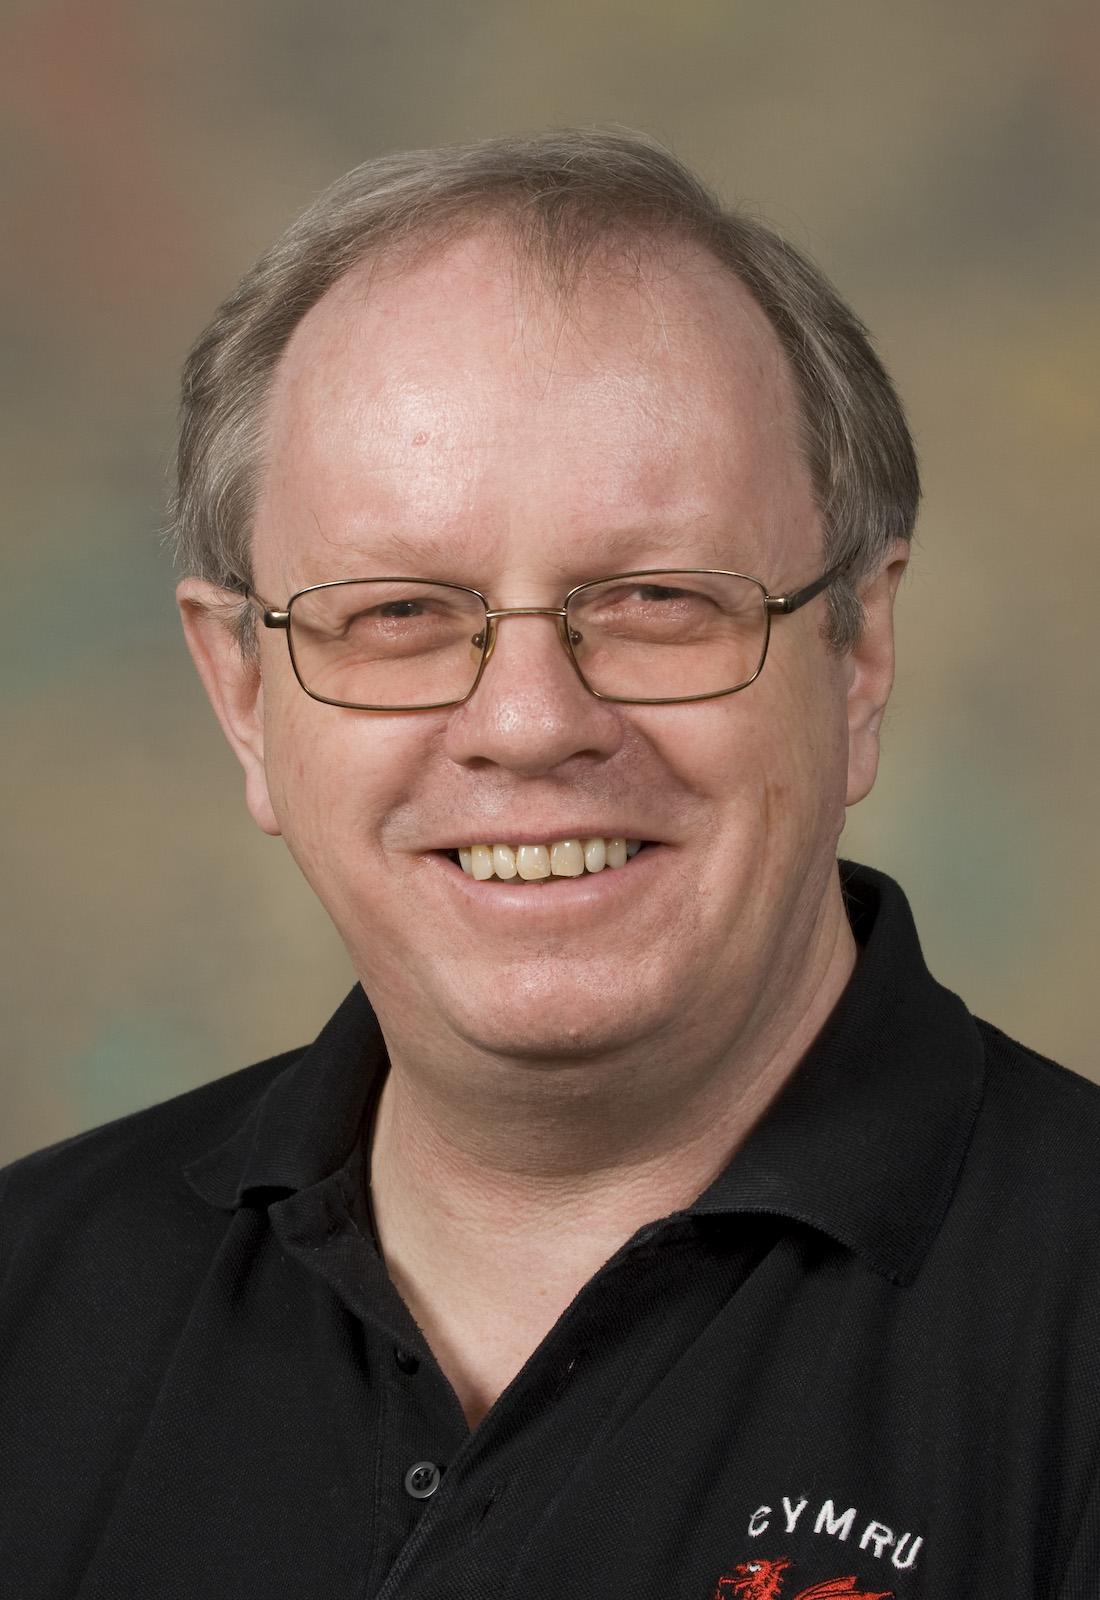 Mike Hapgood